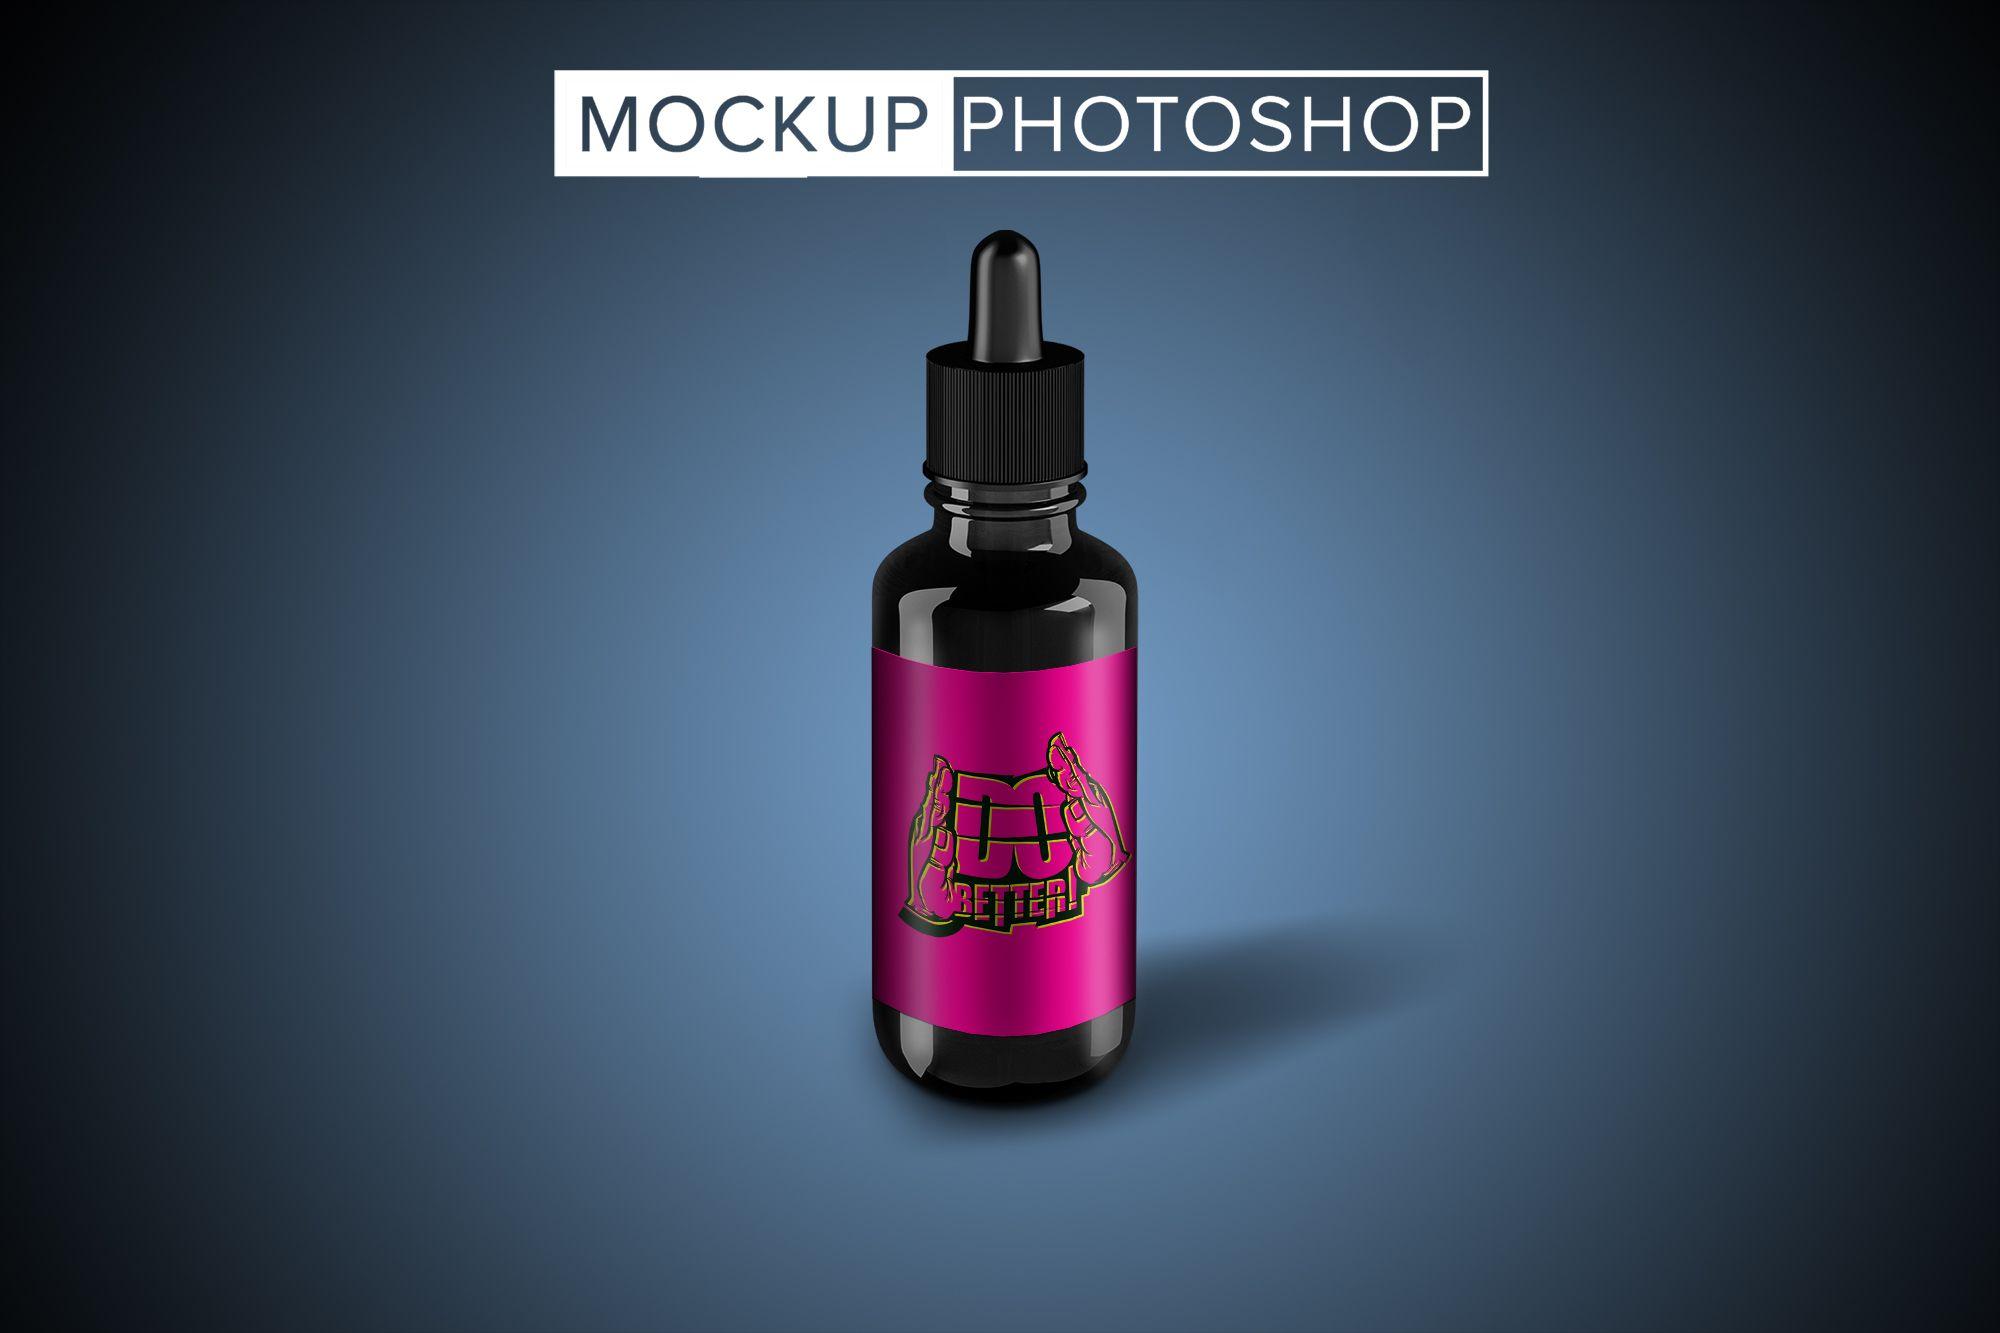 Golden Premium Droplet Label Mockups Branding download